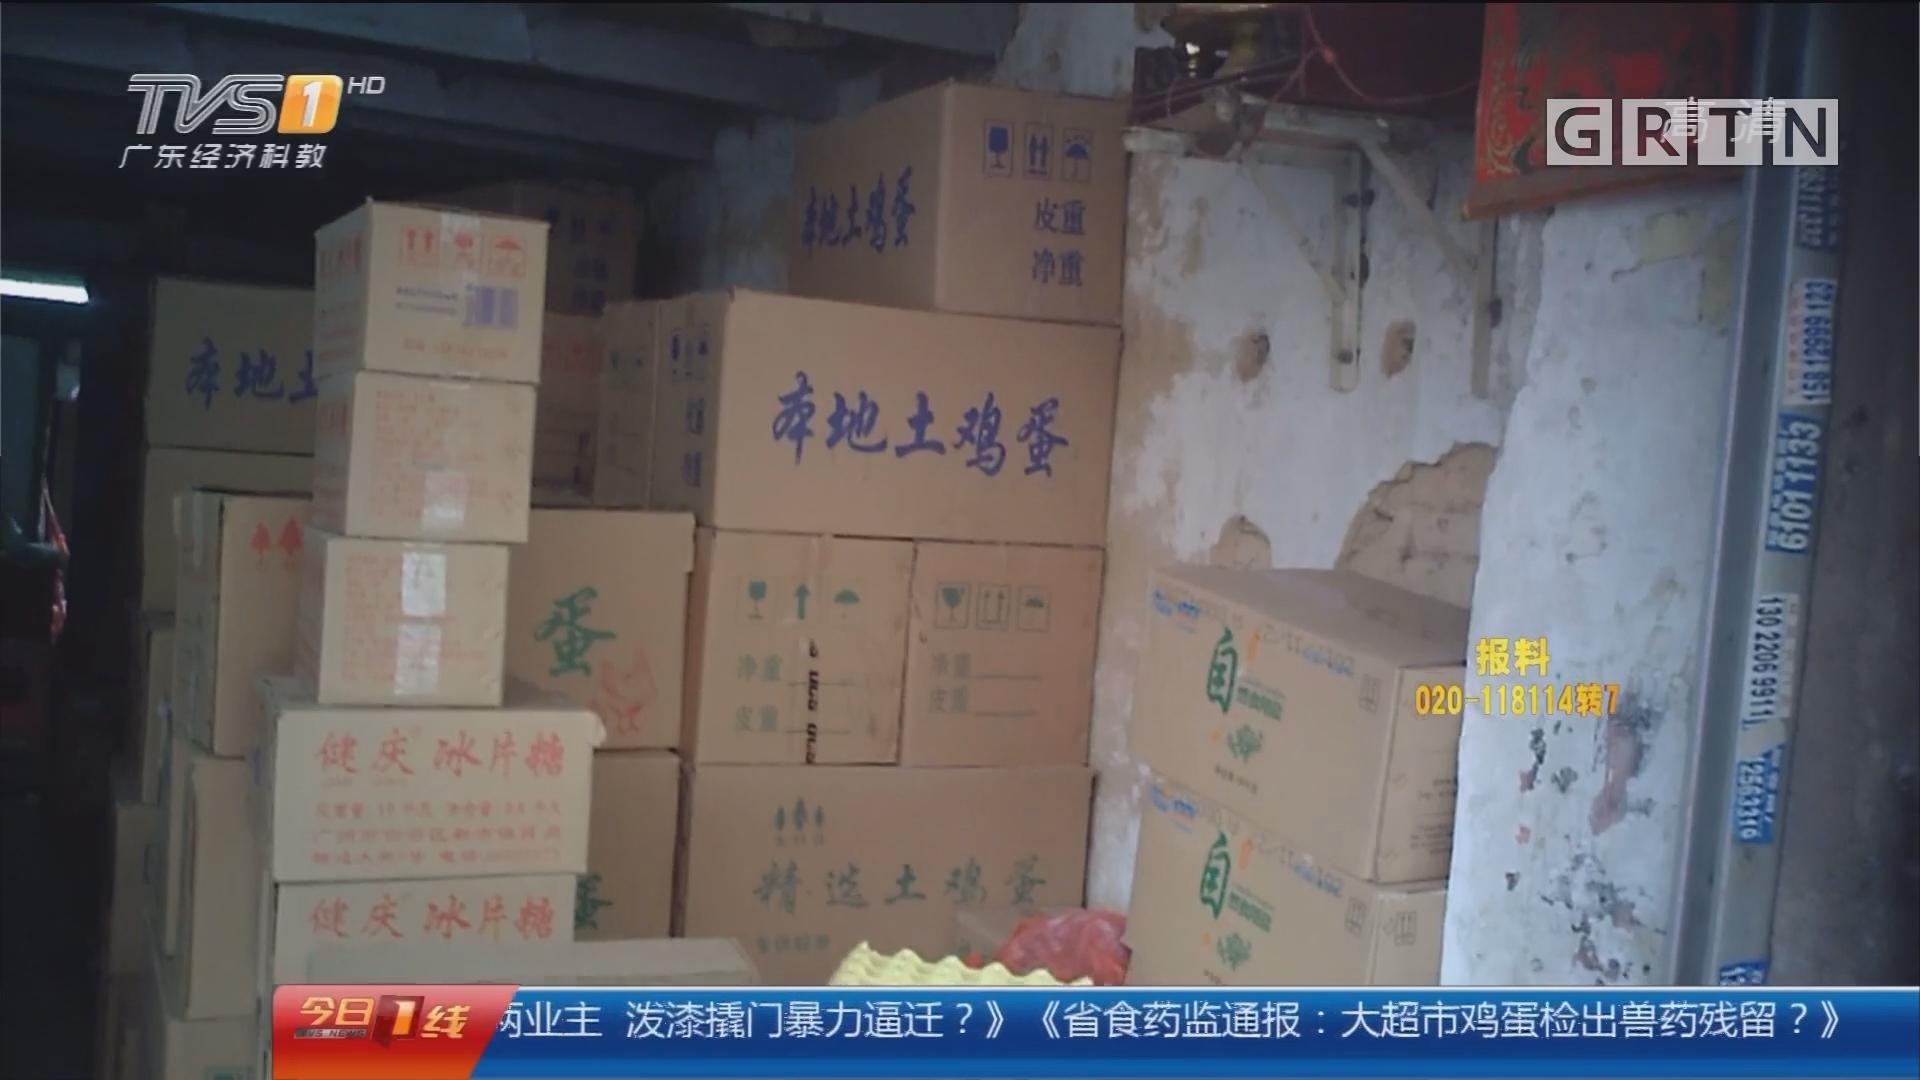 广东省食品药品监督管理局通报:广东畜禽水产品抽检 12批次不合格